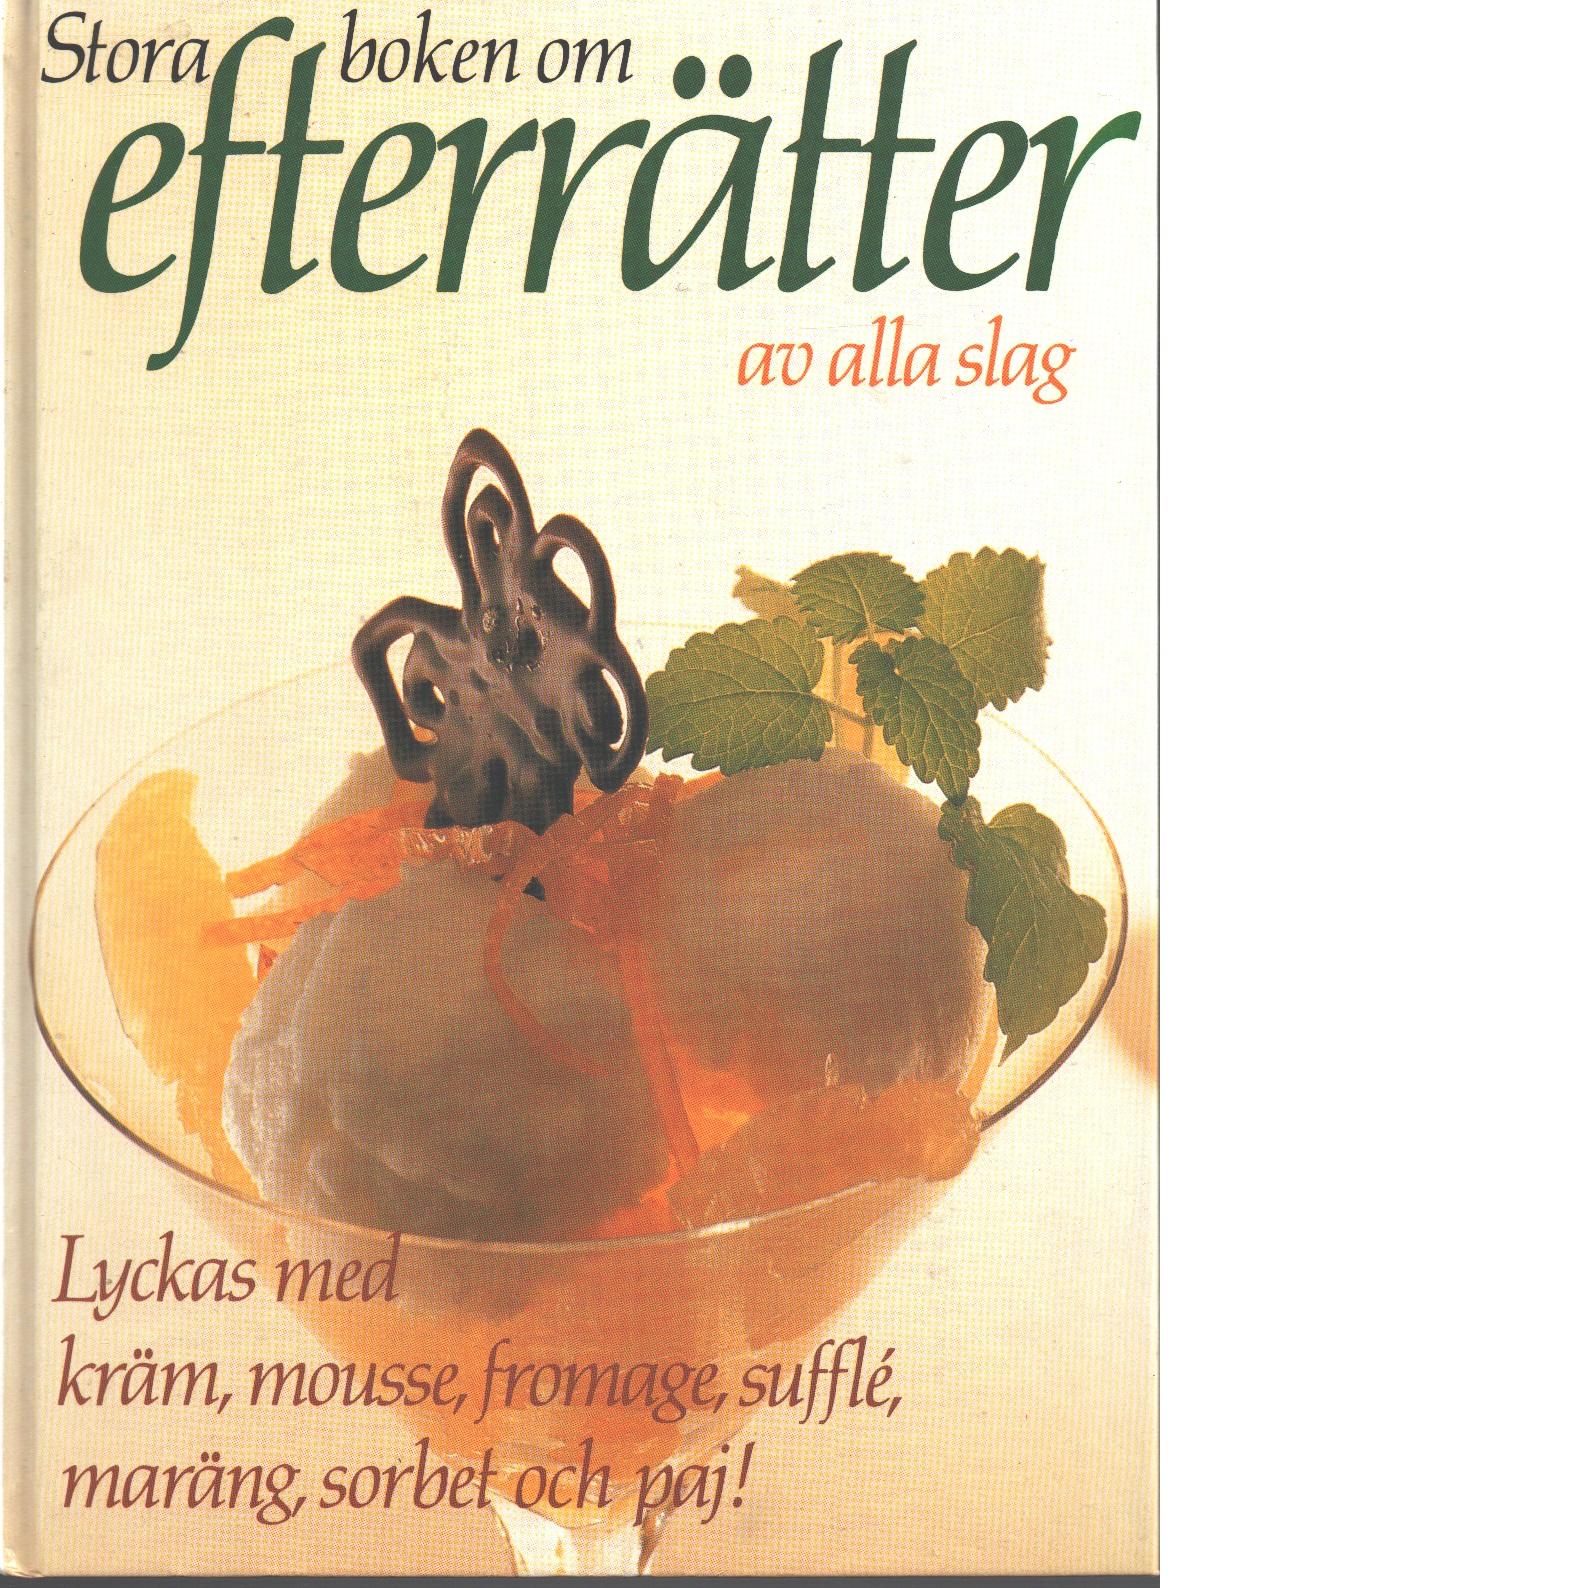 Stora boken om efterrätter av alla slag - Erlandsson, Mariann och Sahlén, Kerstin